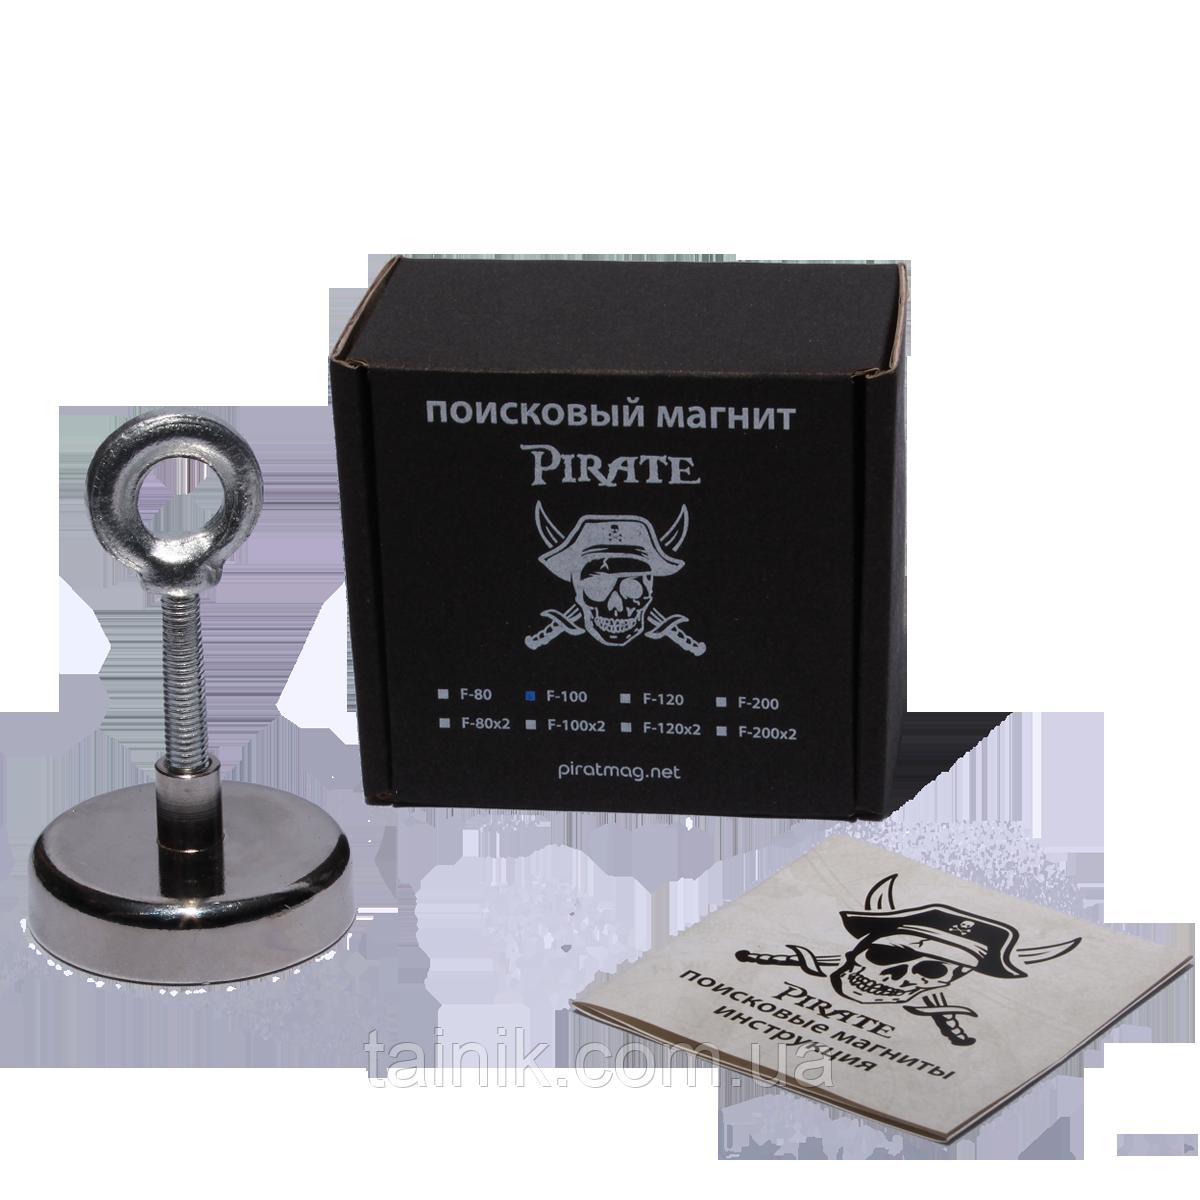 Поисковый односторонний магнит Пират F-100 кг